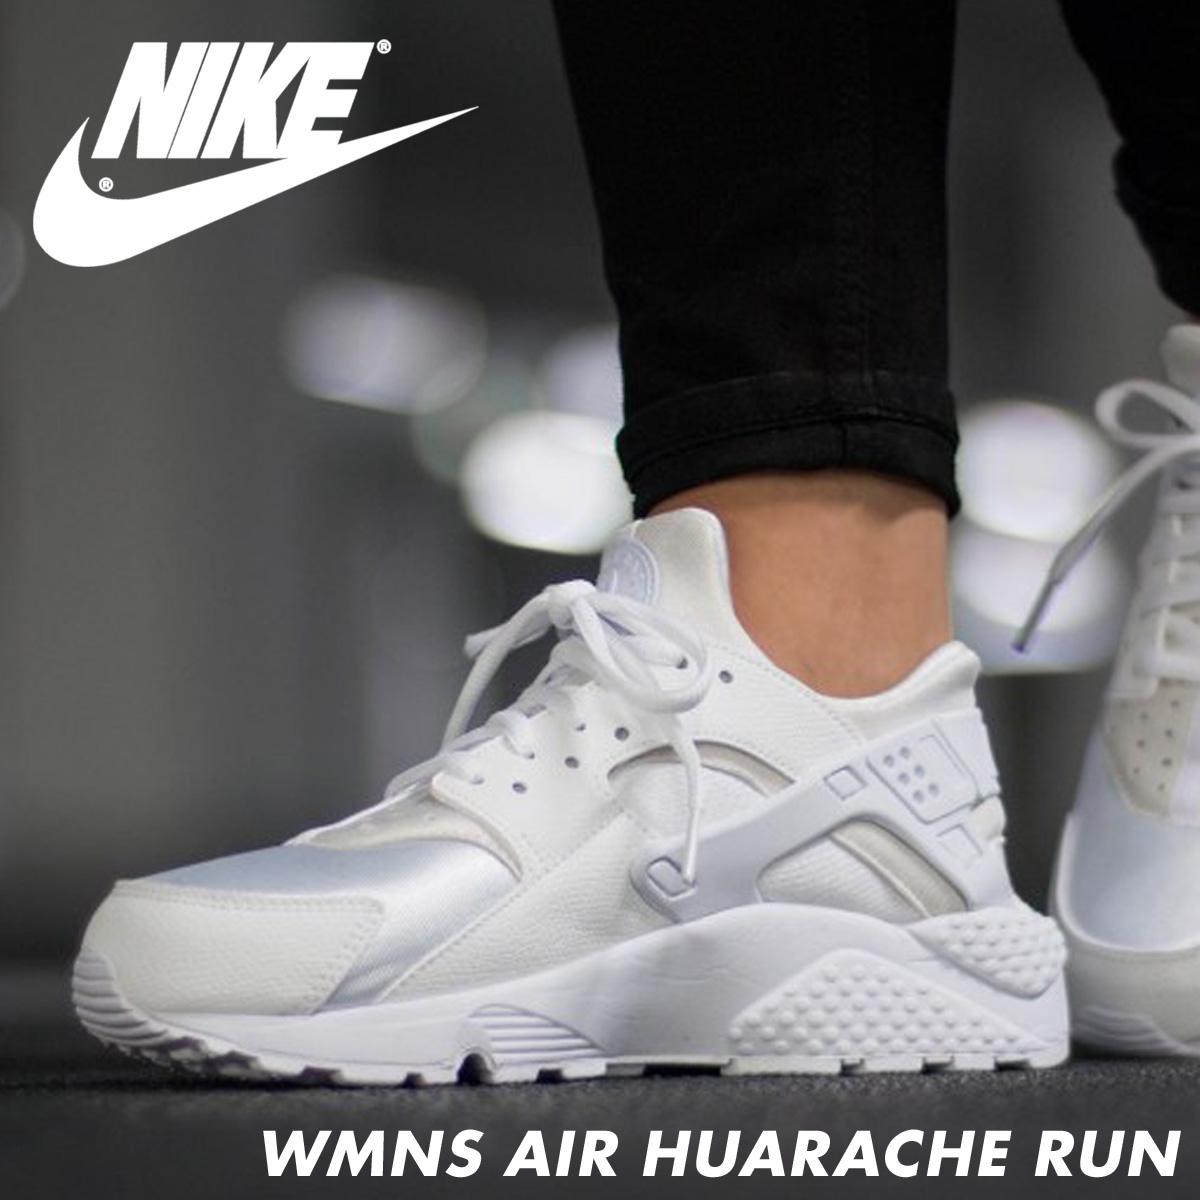 wmns air huarache run